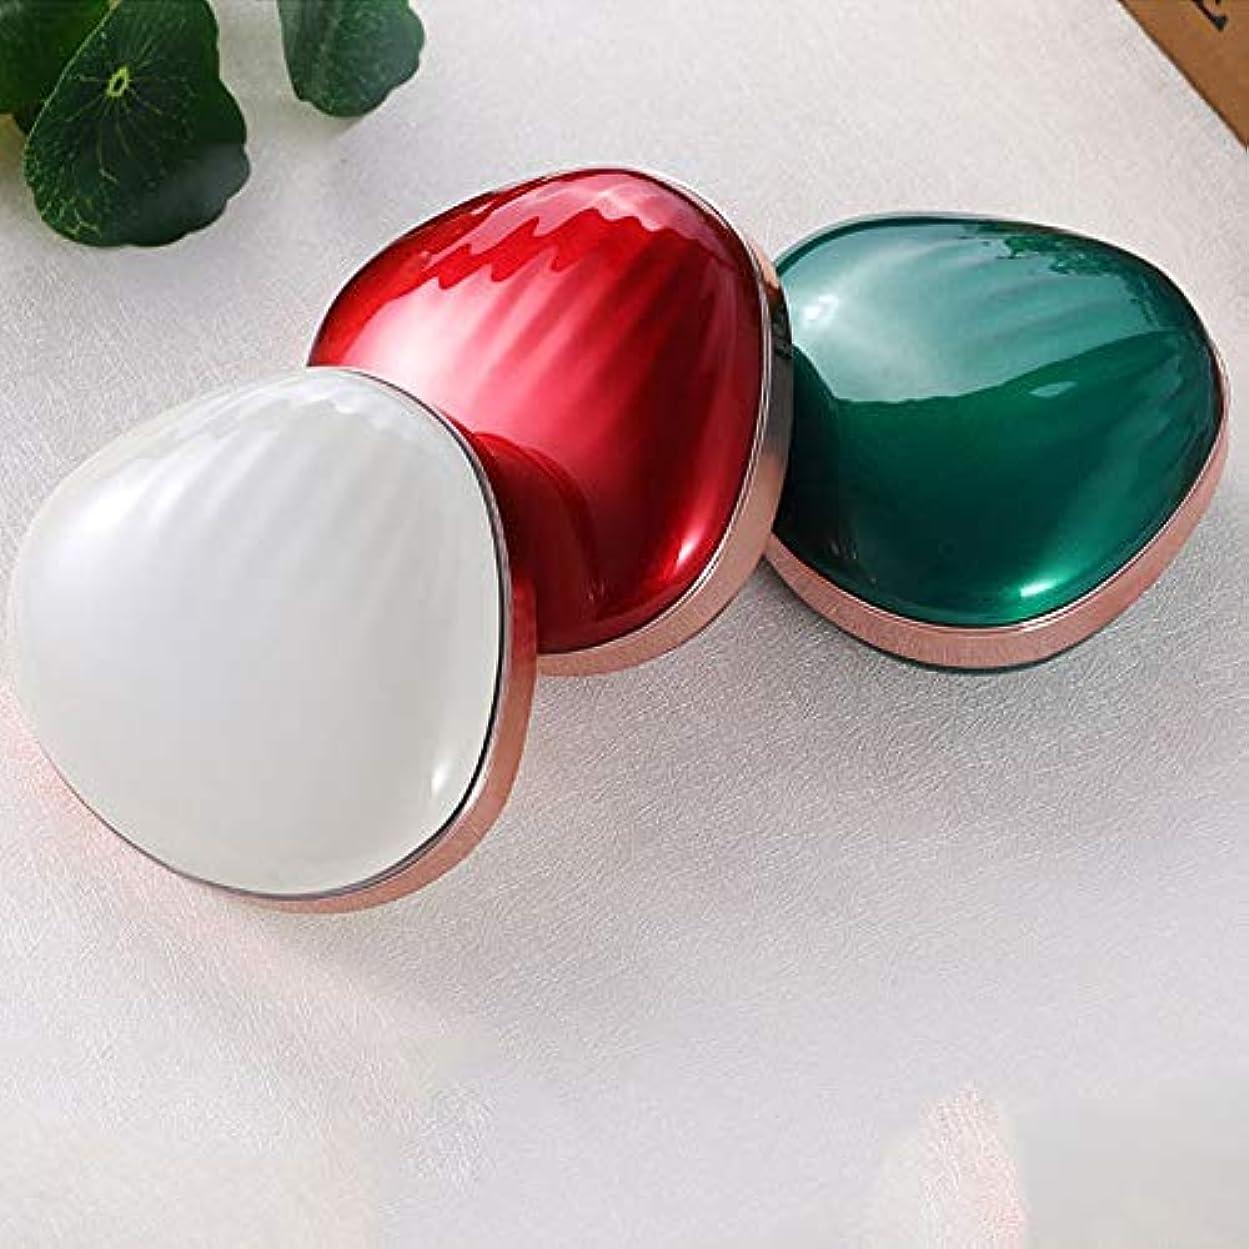 硫黄ランプピケ流行の 新しいクリエイティブLEDソフトアイメイクミラー多機能塗りつぶし充電宝メイクアップミラー美容ミラーABSアルミ3レッドブルーホワイト (色 : Green)